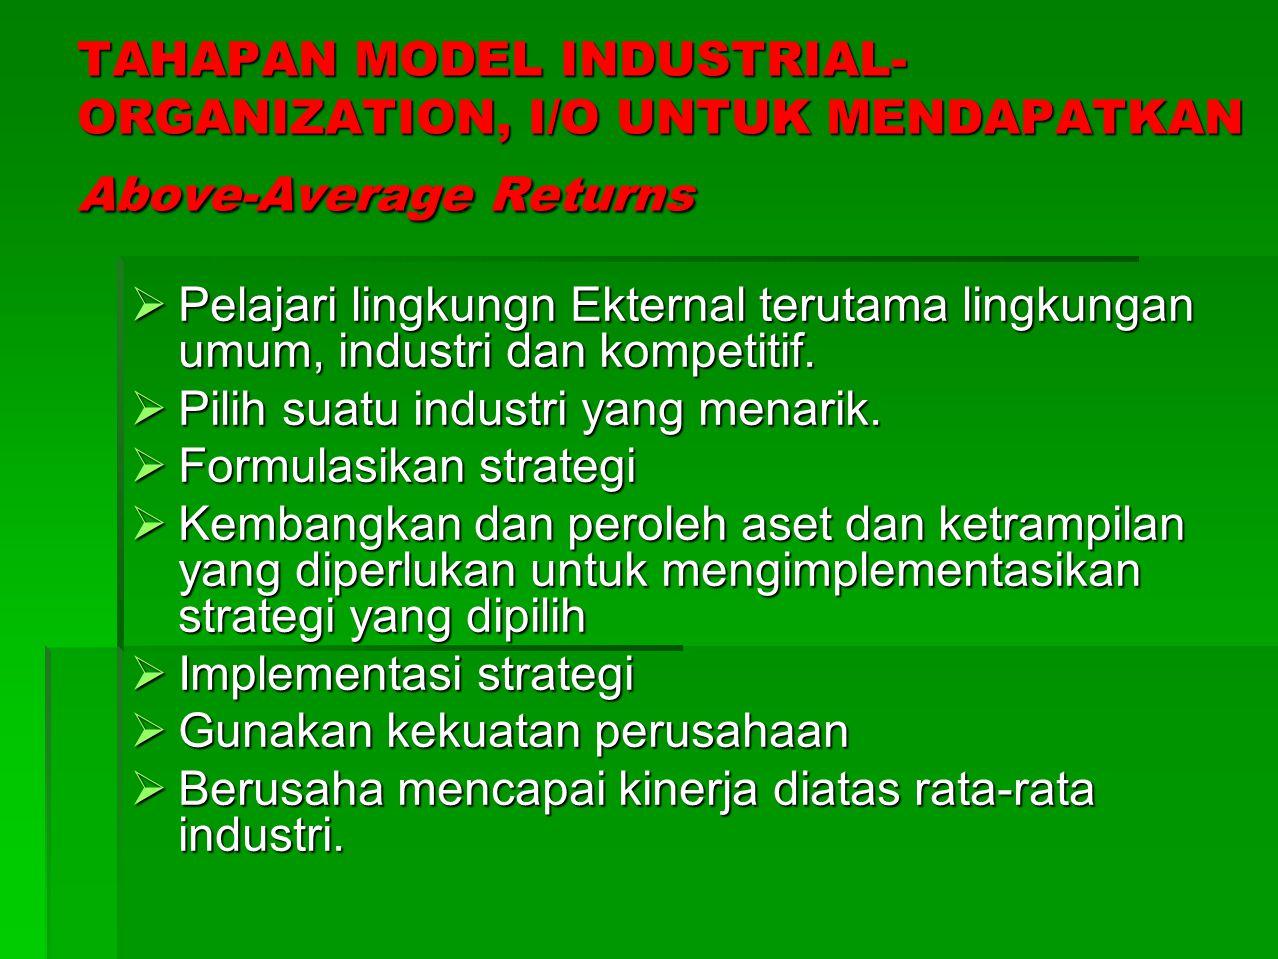 MODEL RESOURCE-BASED VIEW, RBV Menurut Model RBV, Above-Average Returns bagi perusahaan sangat ditentukan oleh karakteristik didalam perusahaan, yaitu memfokuskan pada pengembangan atau perolehan sumber daya (resources) dan kapabilitas (capabilities) yang berharga, yang sulit atau tak mungkin ditiru oleh para pesaing.